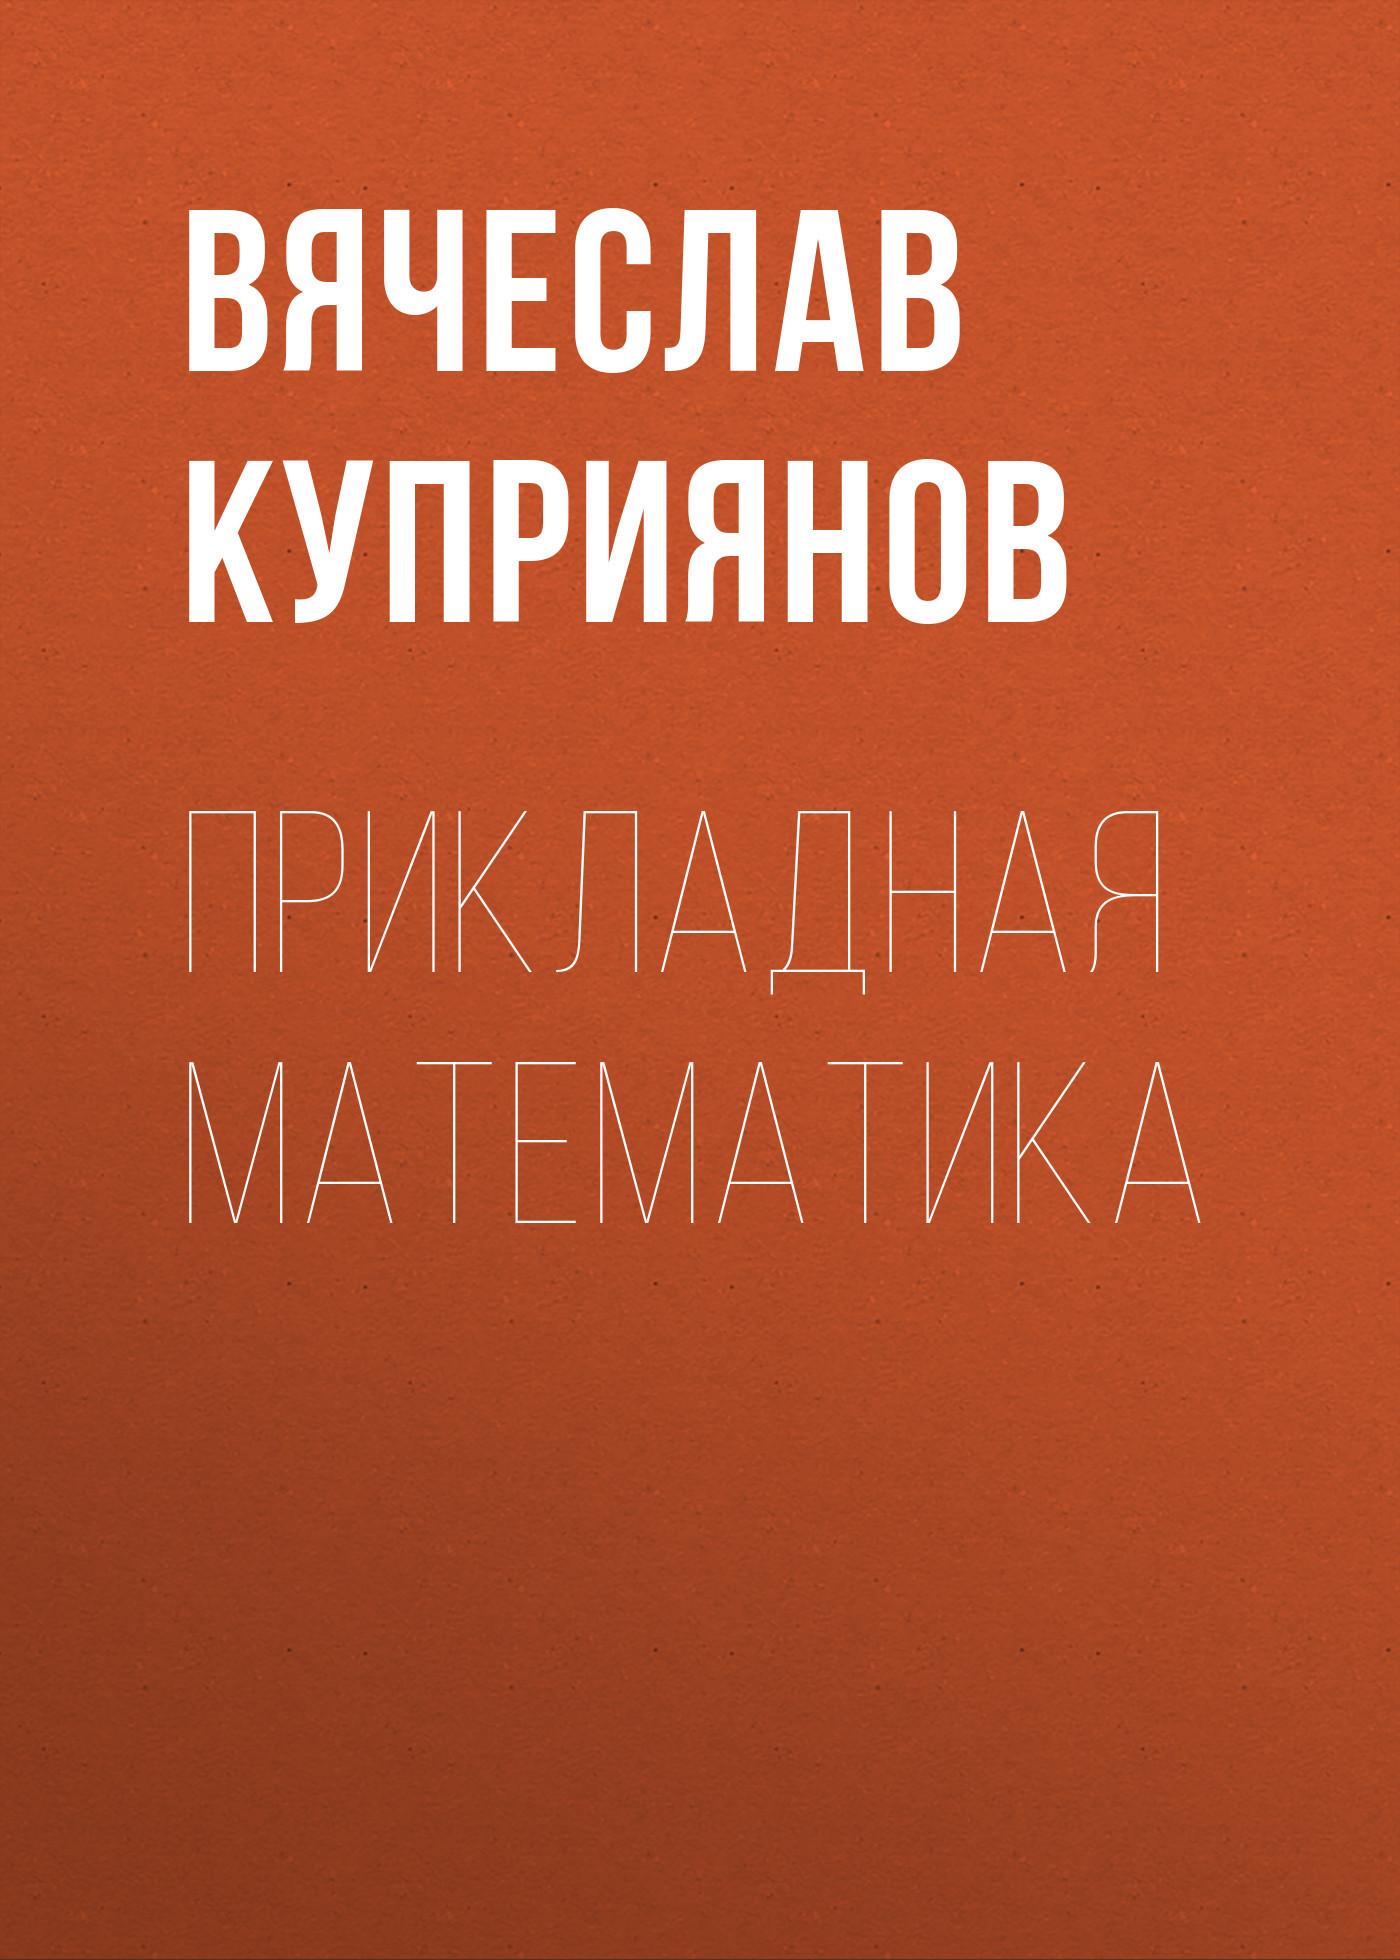 Вячеслав Куприянов Прикладная математика